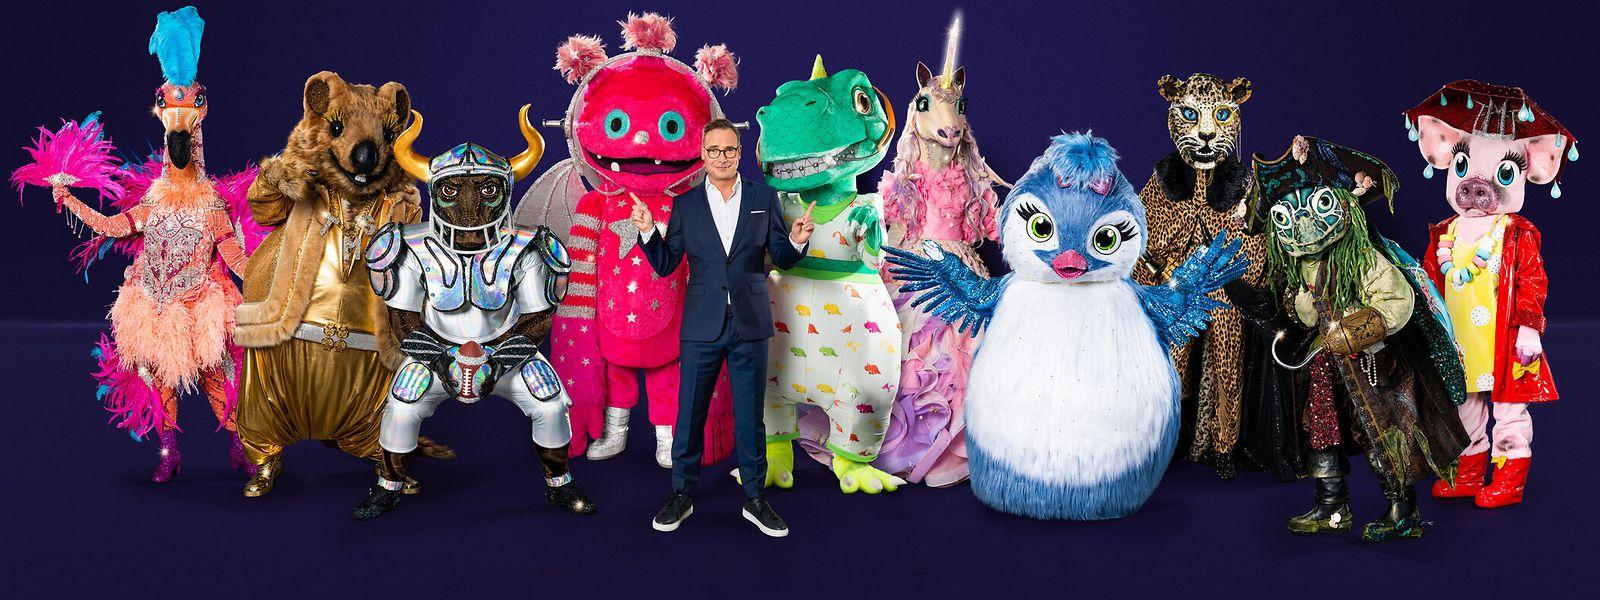 Die Teilnehmer: der Flamingo, das Quokka, der Stier, der Monstronaut, Moderator Matthias Opdenhövel, der Dinosaurier, das Einhorn, das Küken, der Leopard, die Schildkröte und das Schwein (v.l.n.r.).